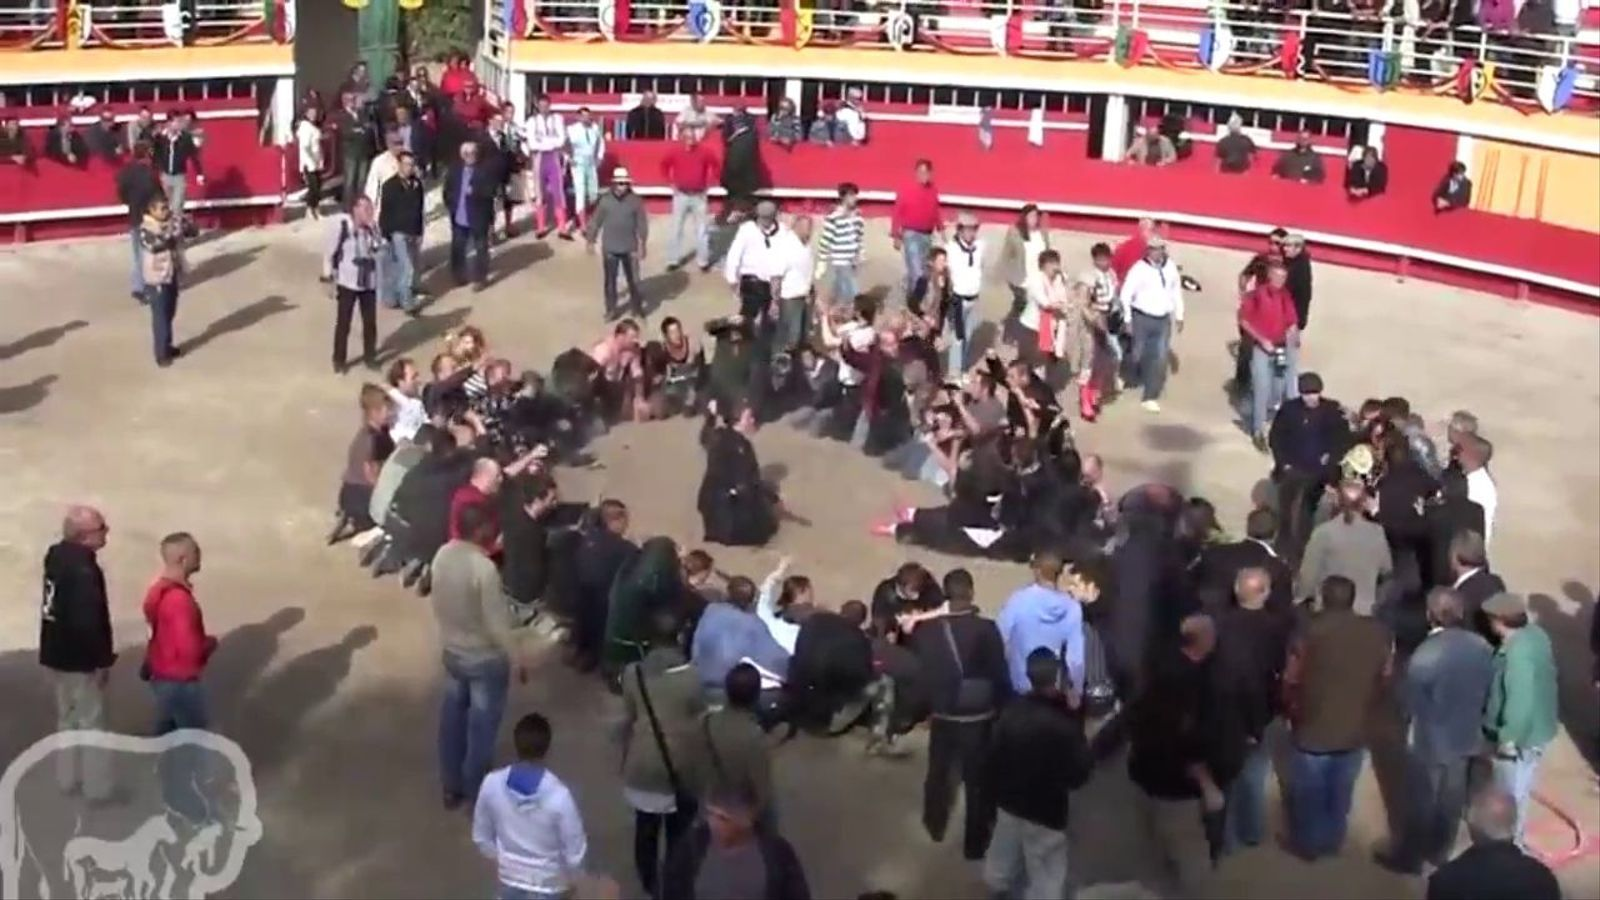 Aigua i empentes per evitar una protesta contra les corrides de toros a França